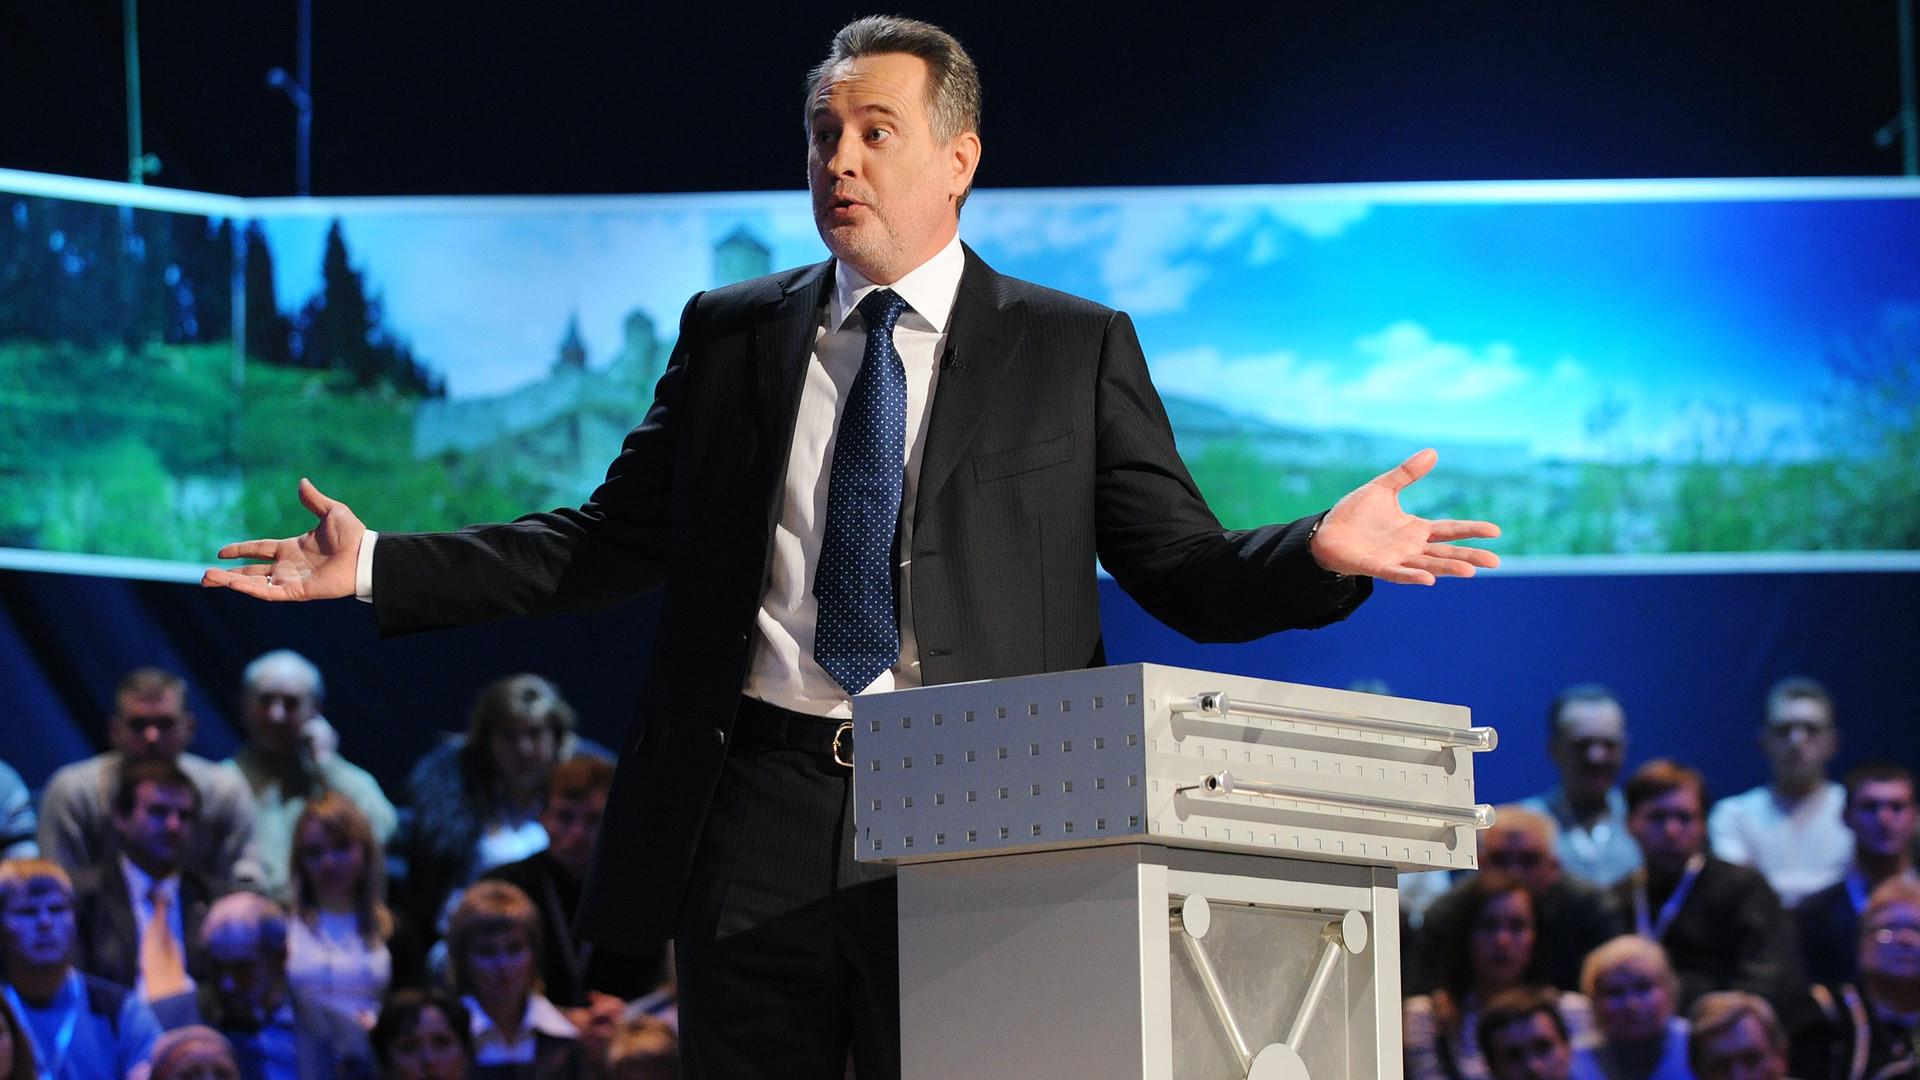 Потерянные миллиарды: чем может обернуться арест для украинского бизнесмена Фирташа